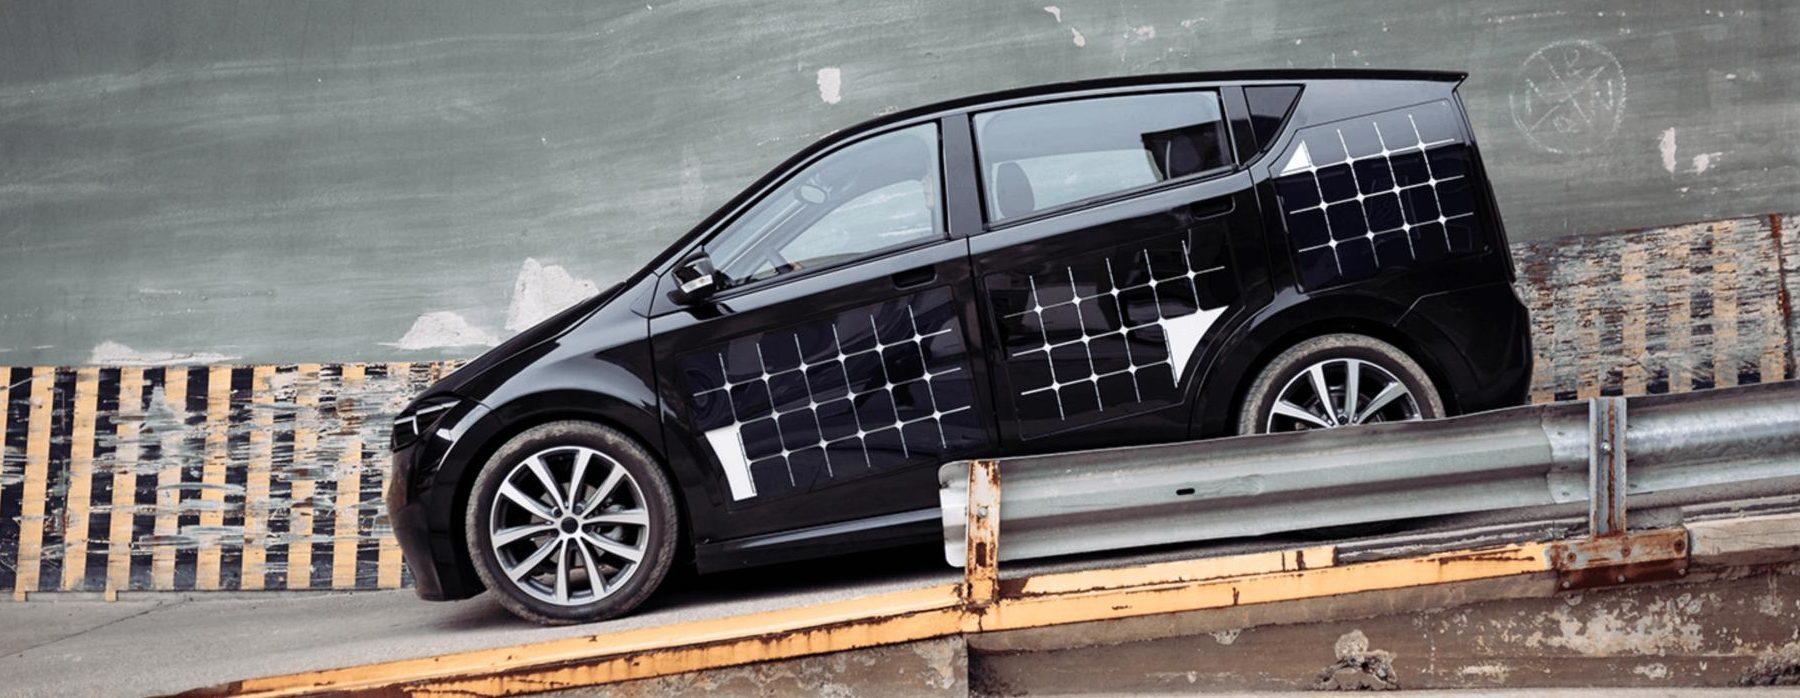 Los paneles solares llegan a los coches eléctricos